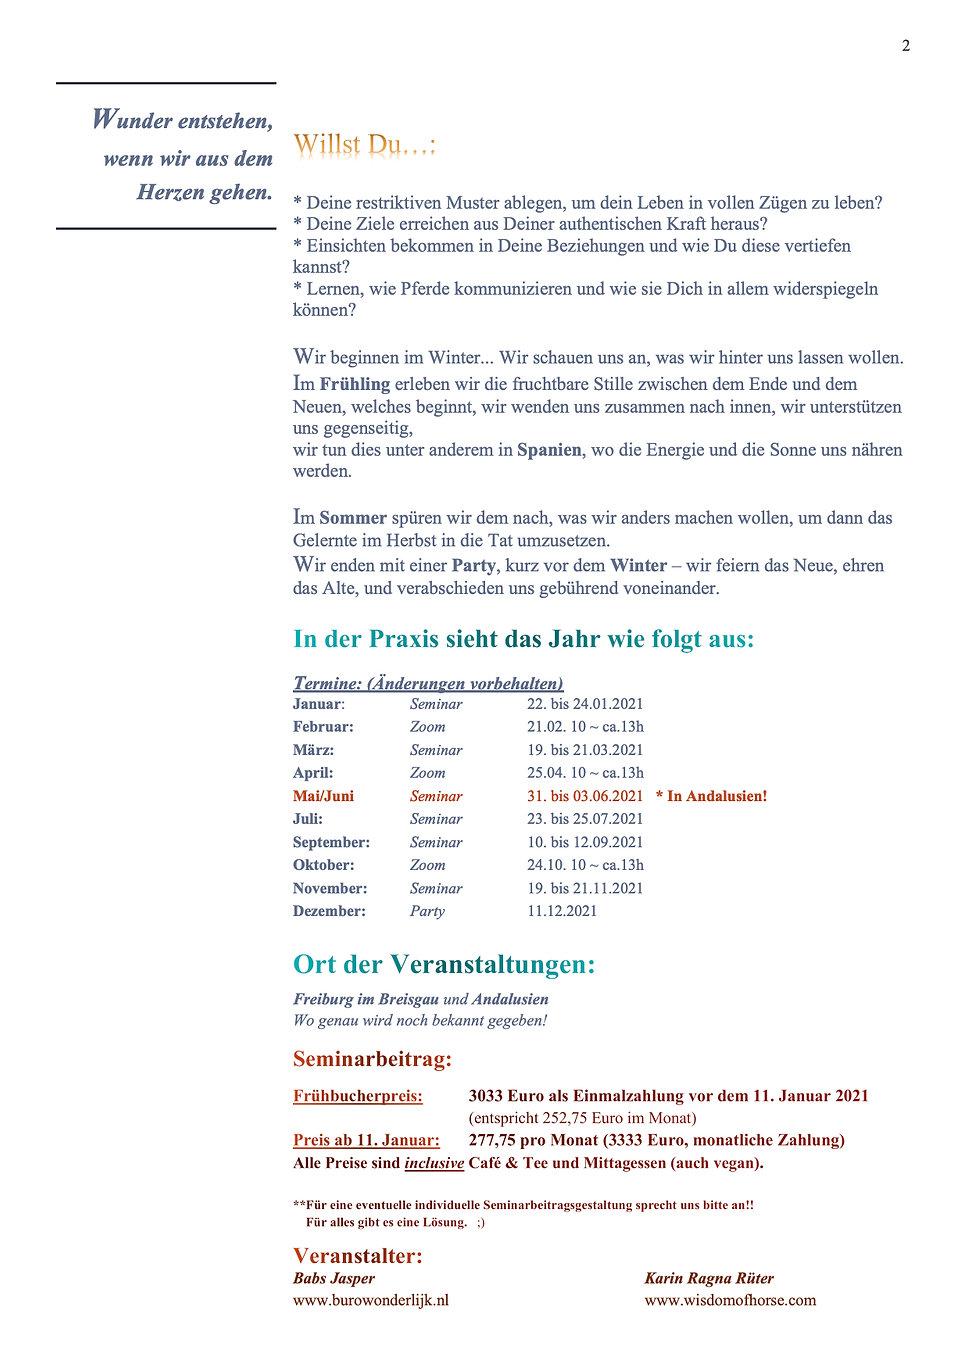 Jahrestraining 2021_ Final_2.jpg